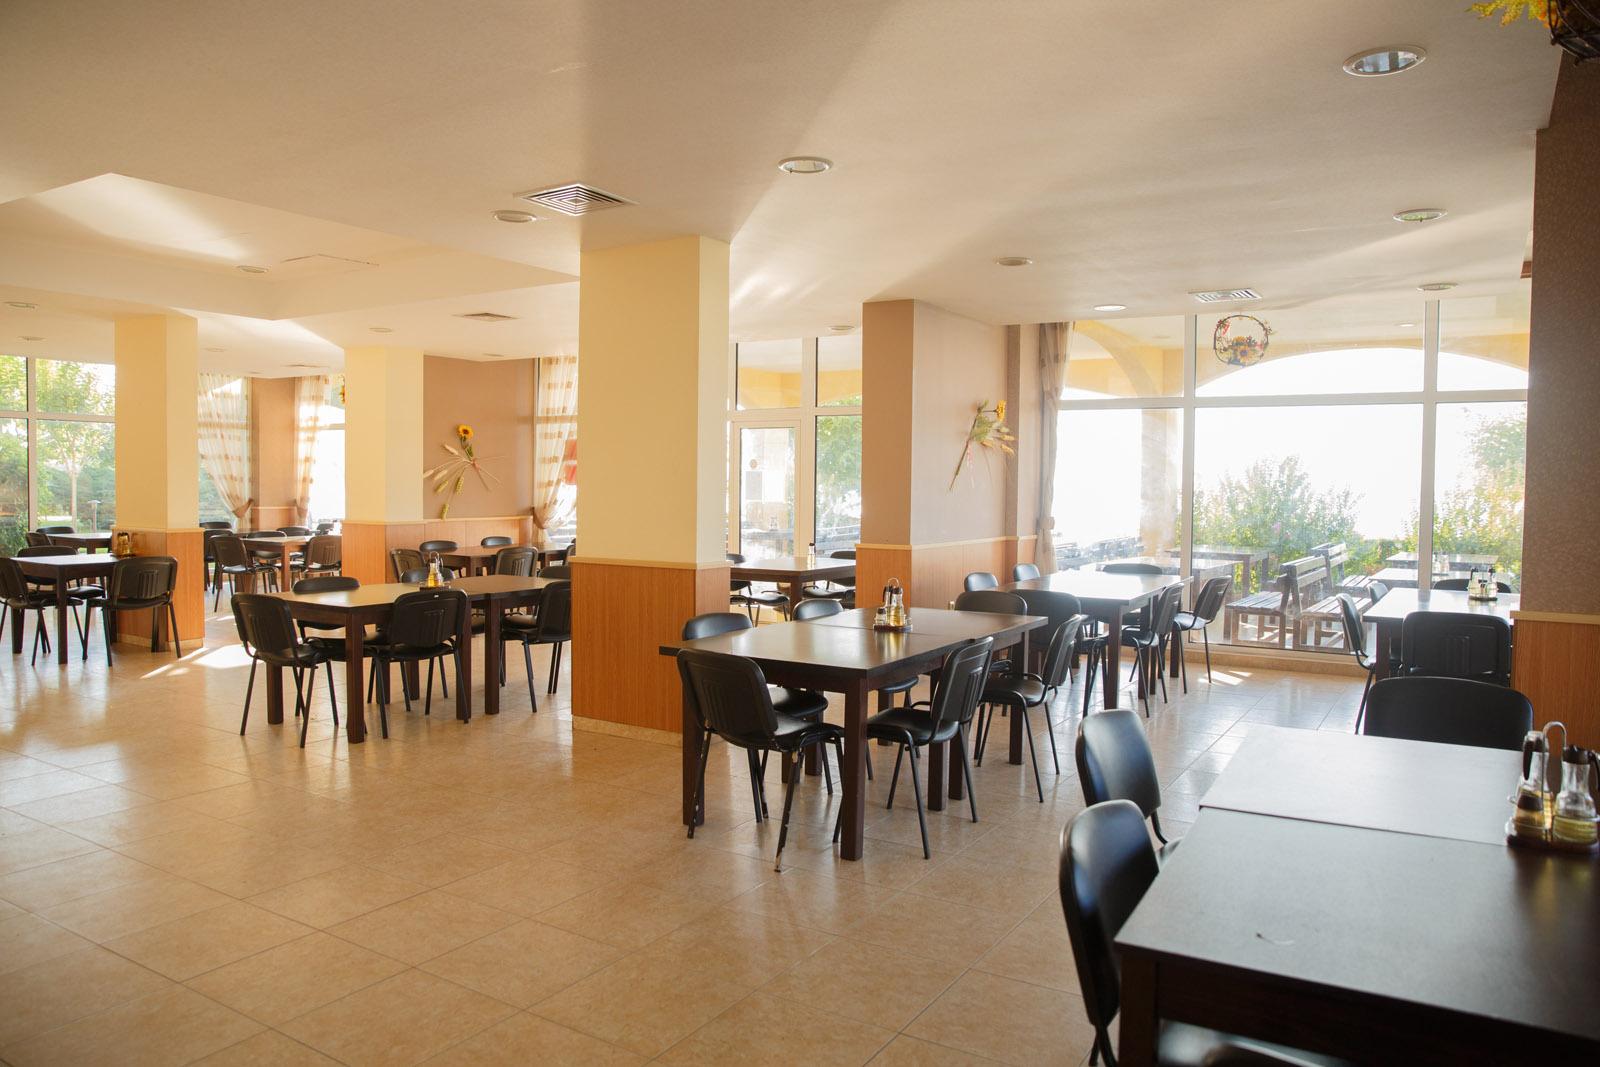 Харчування. Ресторан. Англомовний табір в Болгарії (Ахелой)